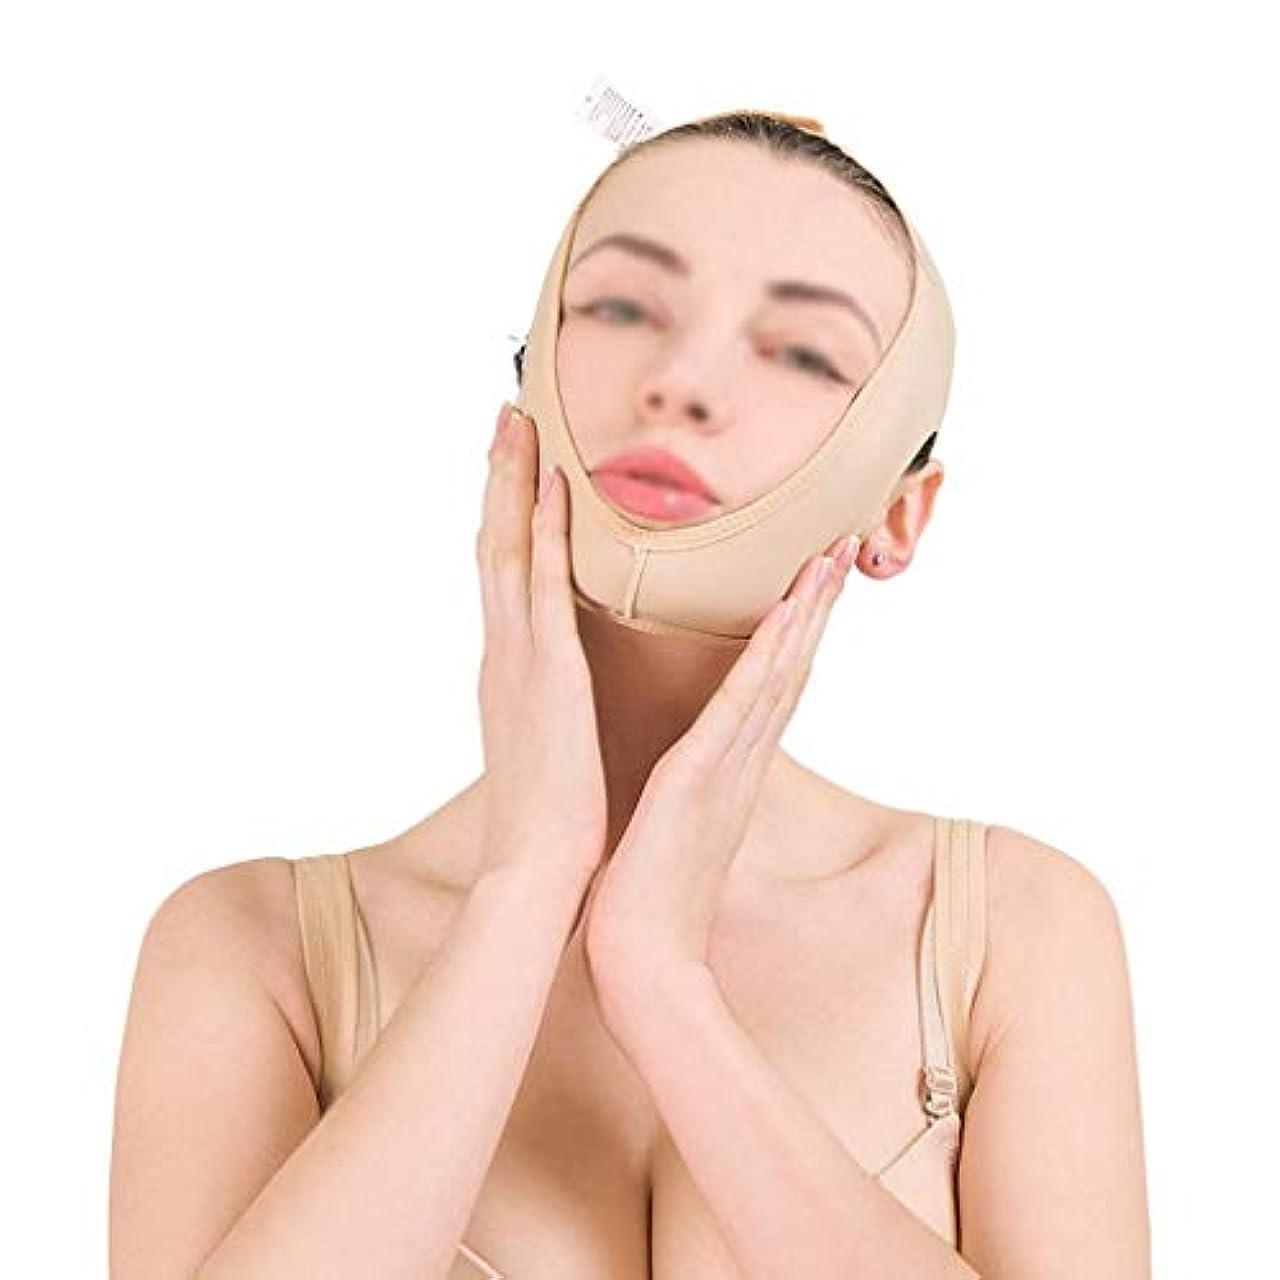 墓ハッチ亡命マスク減量、肌の包帯を引き締めるリフティングフェイスバンド、フェイスリフティング、ダブルチンビューティバンデージ、フェイスリフト(サイズ:L),XL